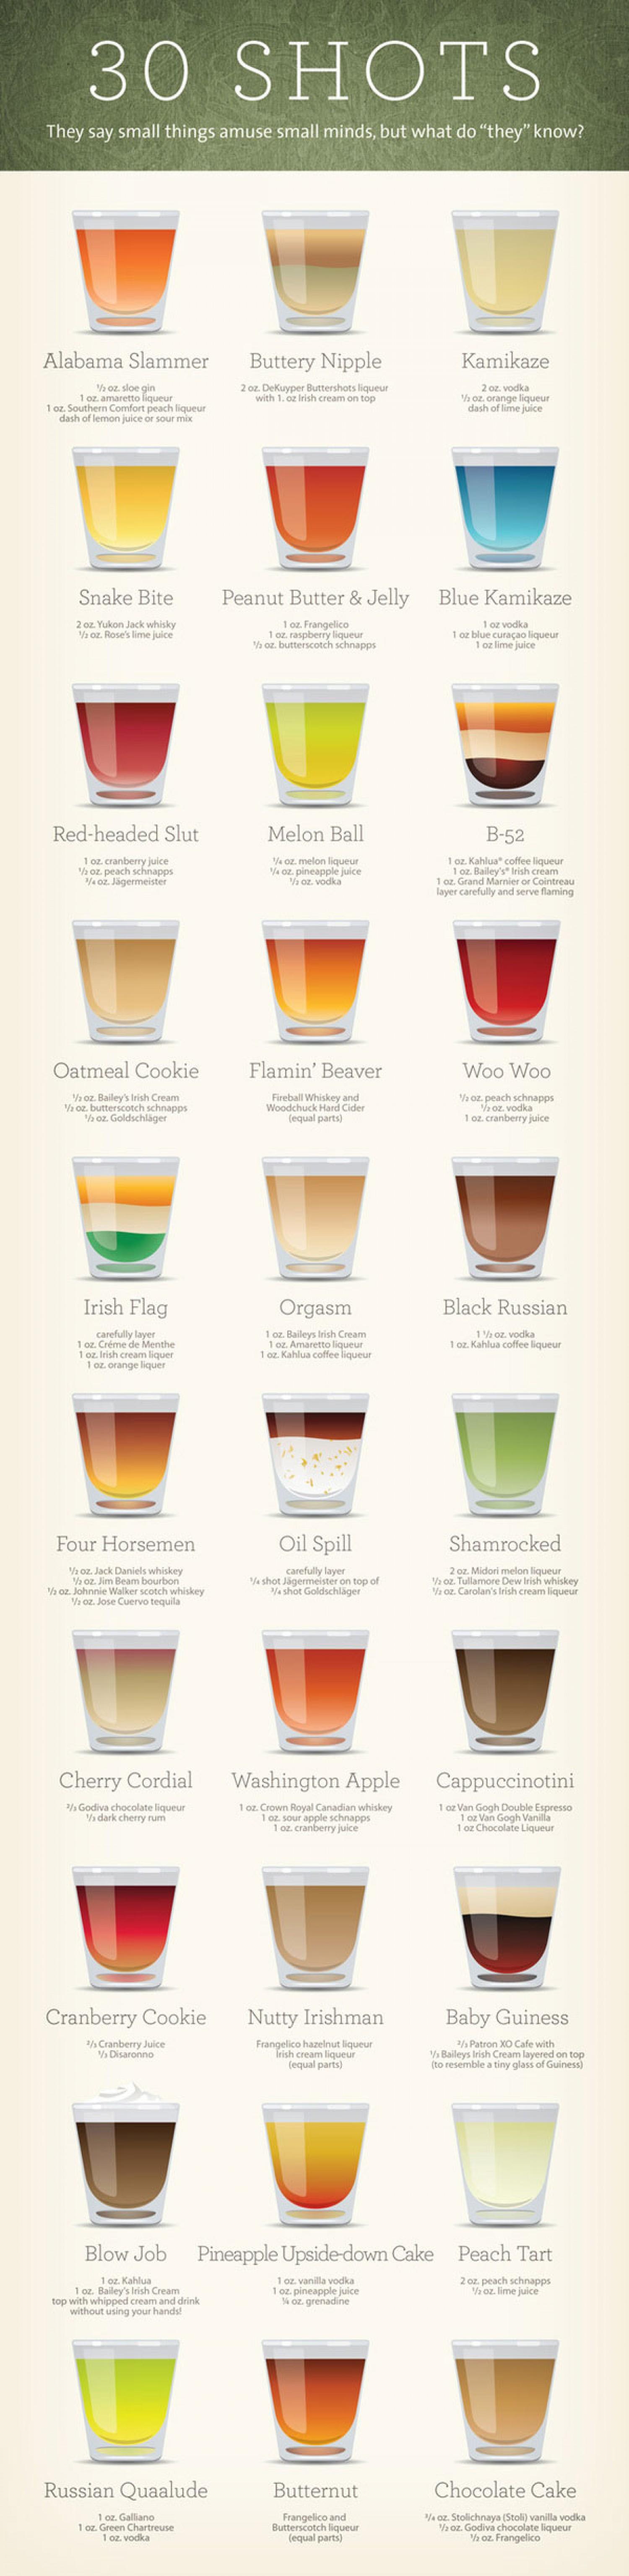 recette de 30 shots